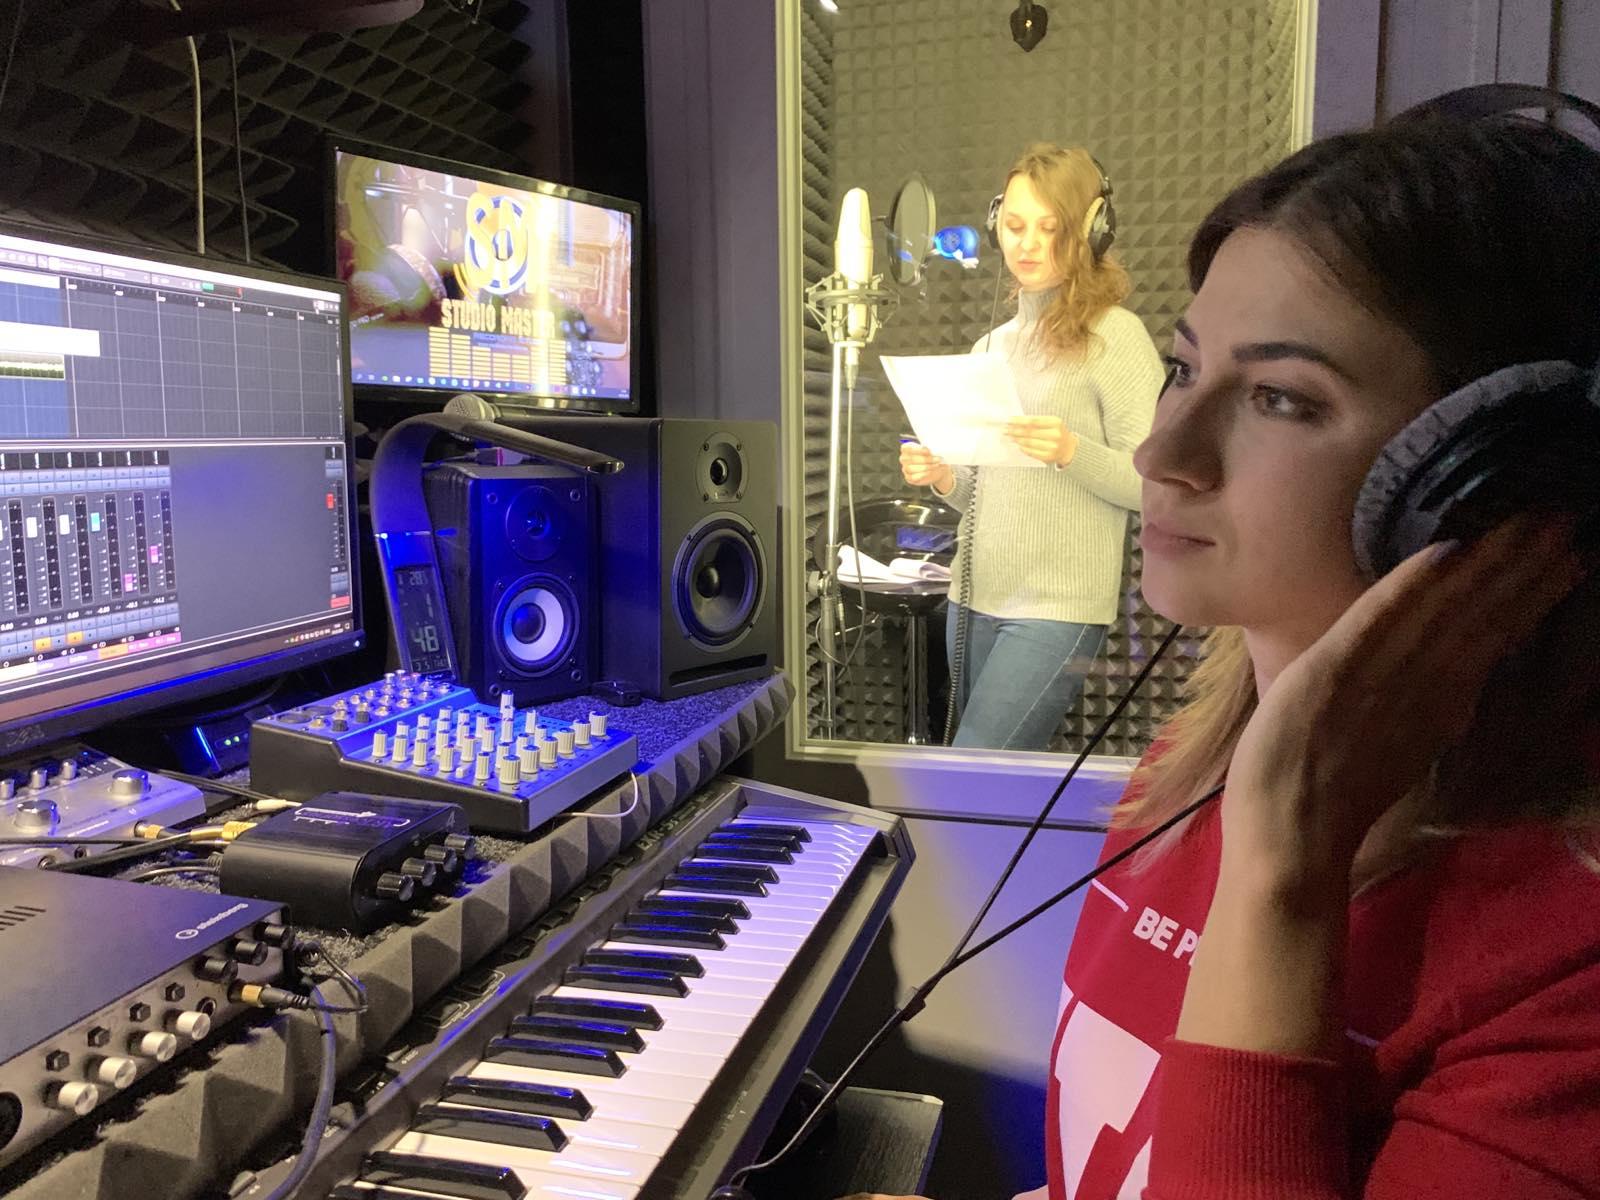 аудиогиды купить киев музейные аудиогиды оборудование для музеев